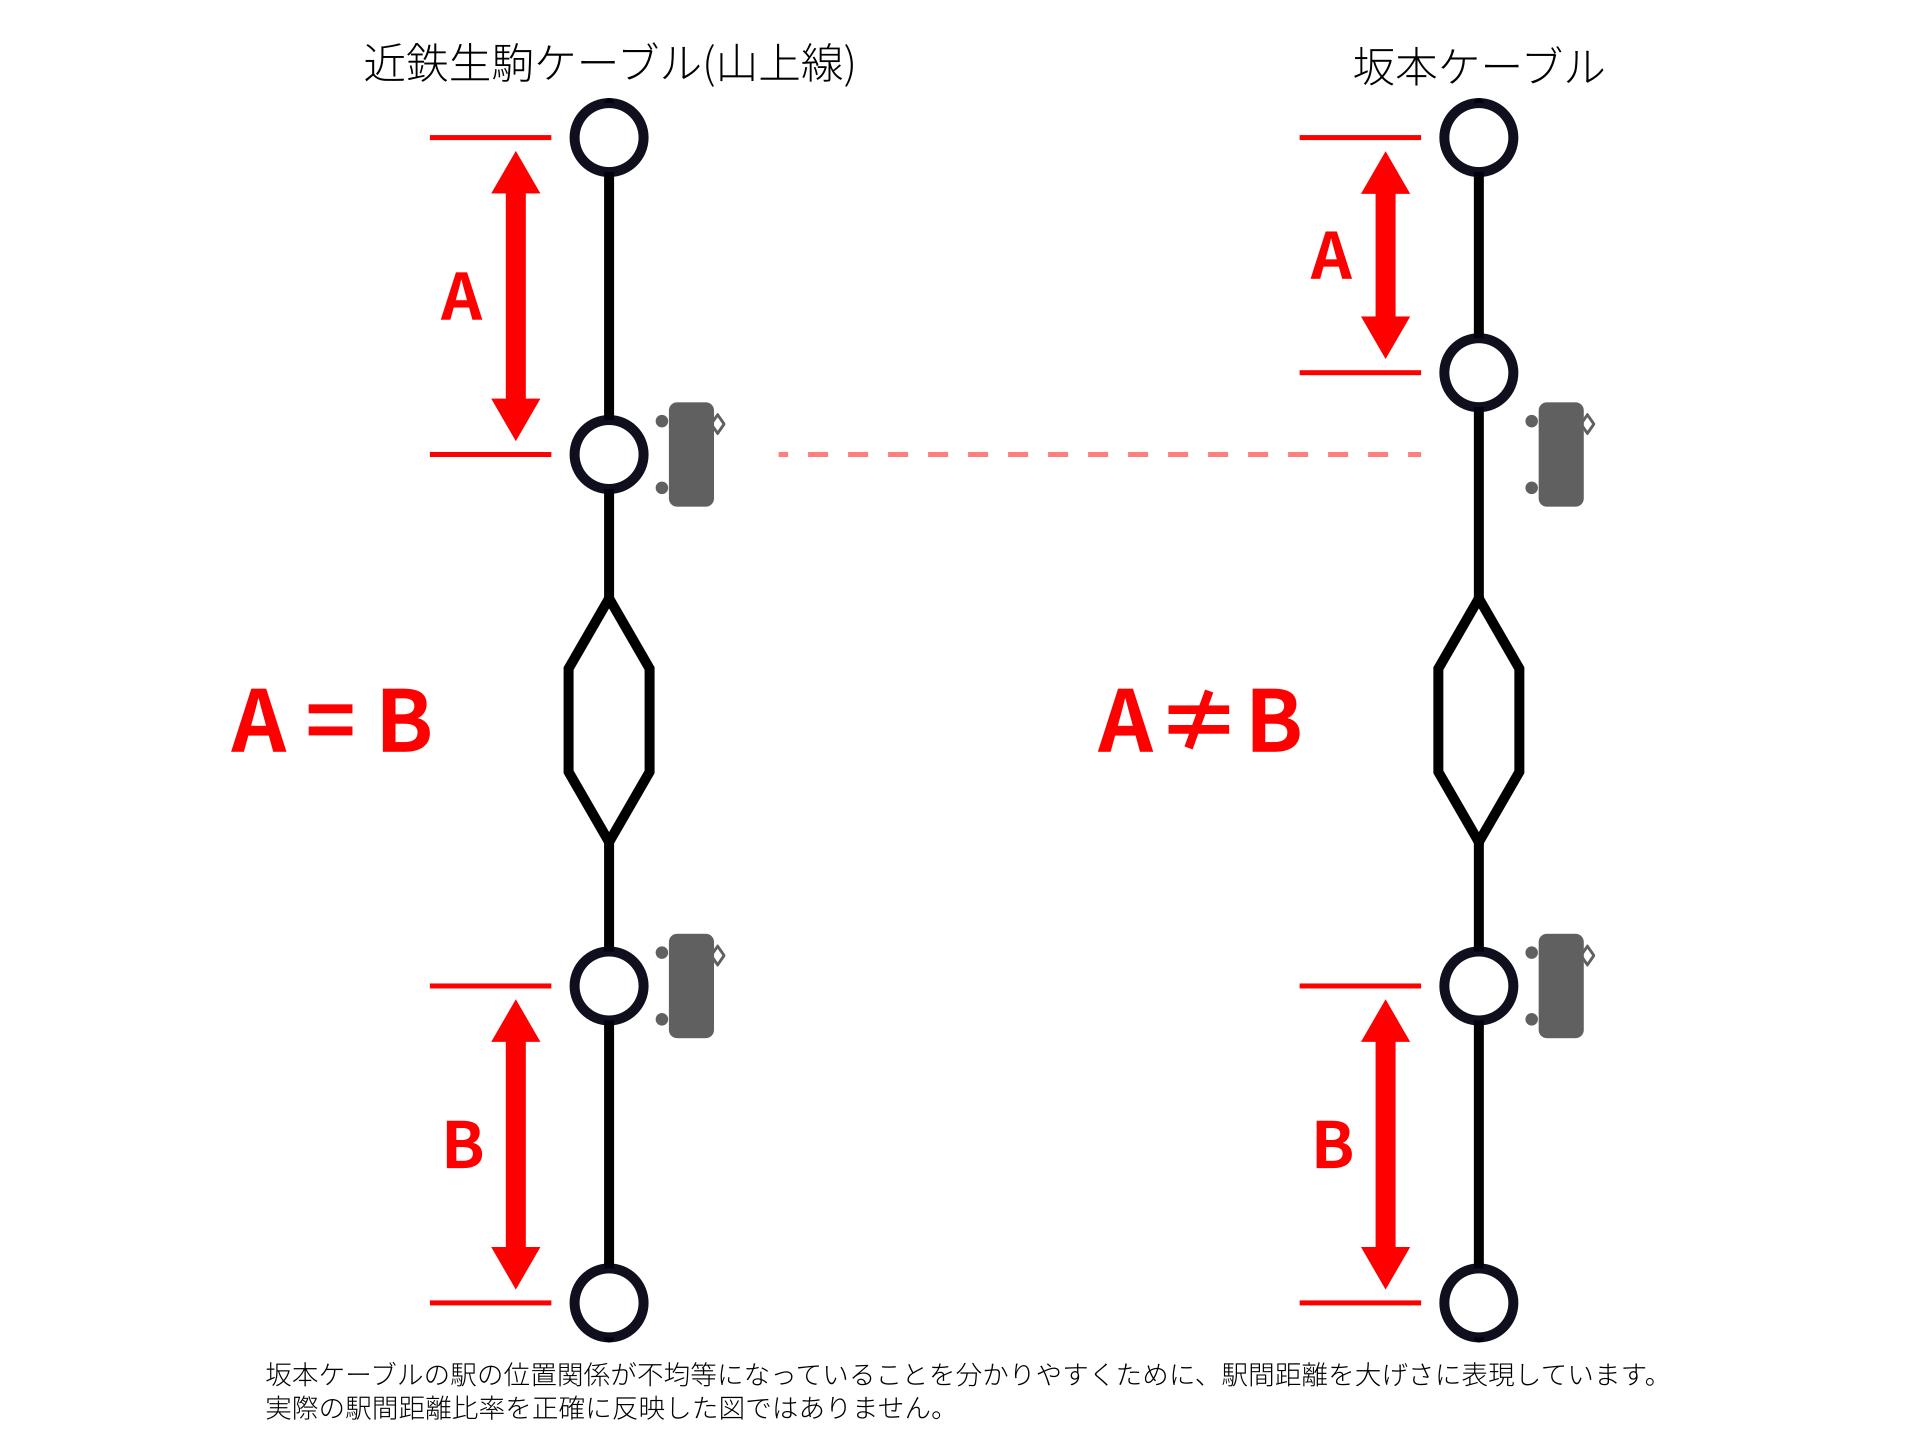 ケーブルカーの位置関係図